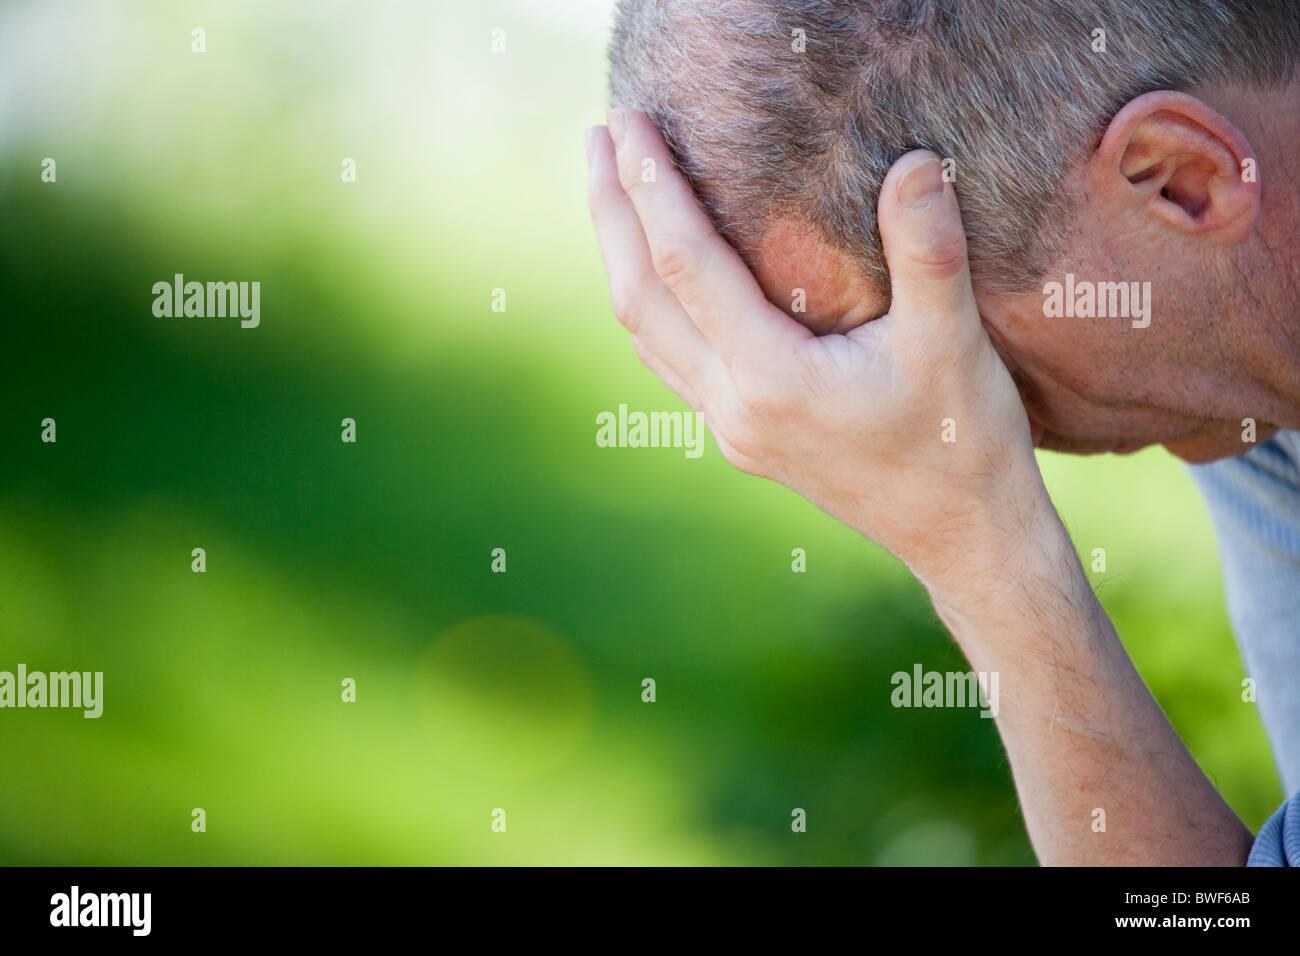 Depressed man.Sweden - Stock Image